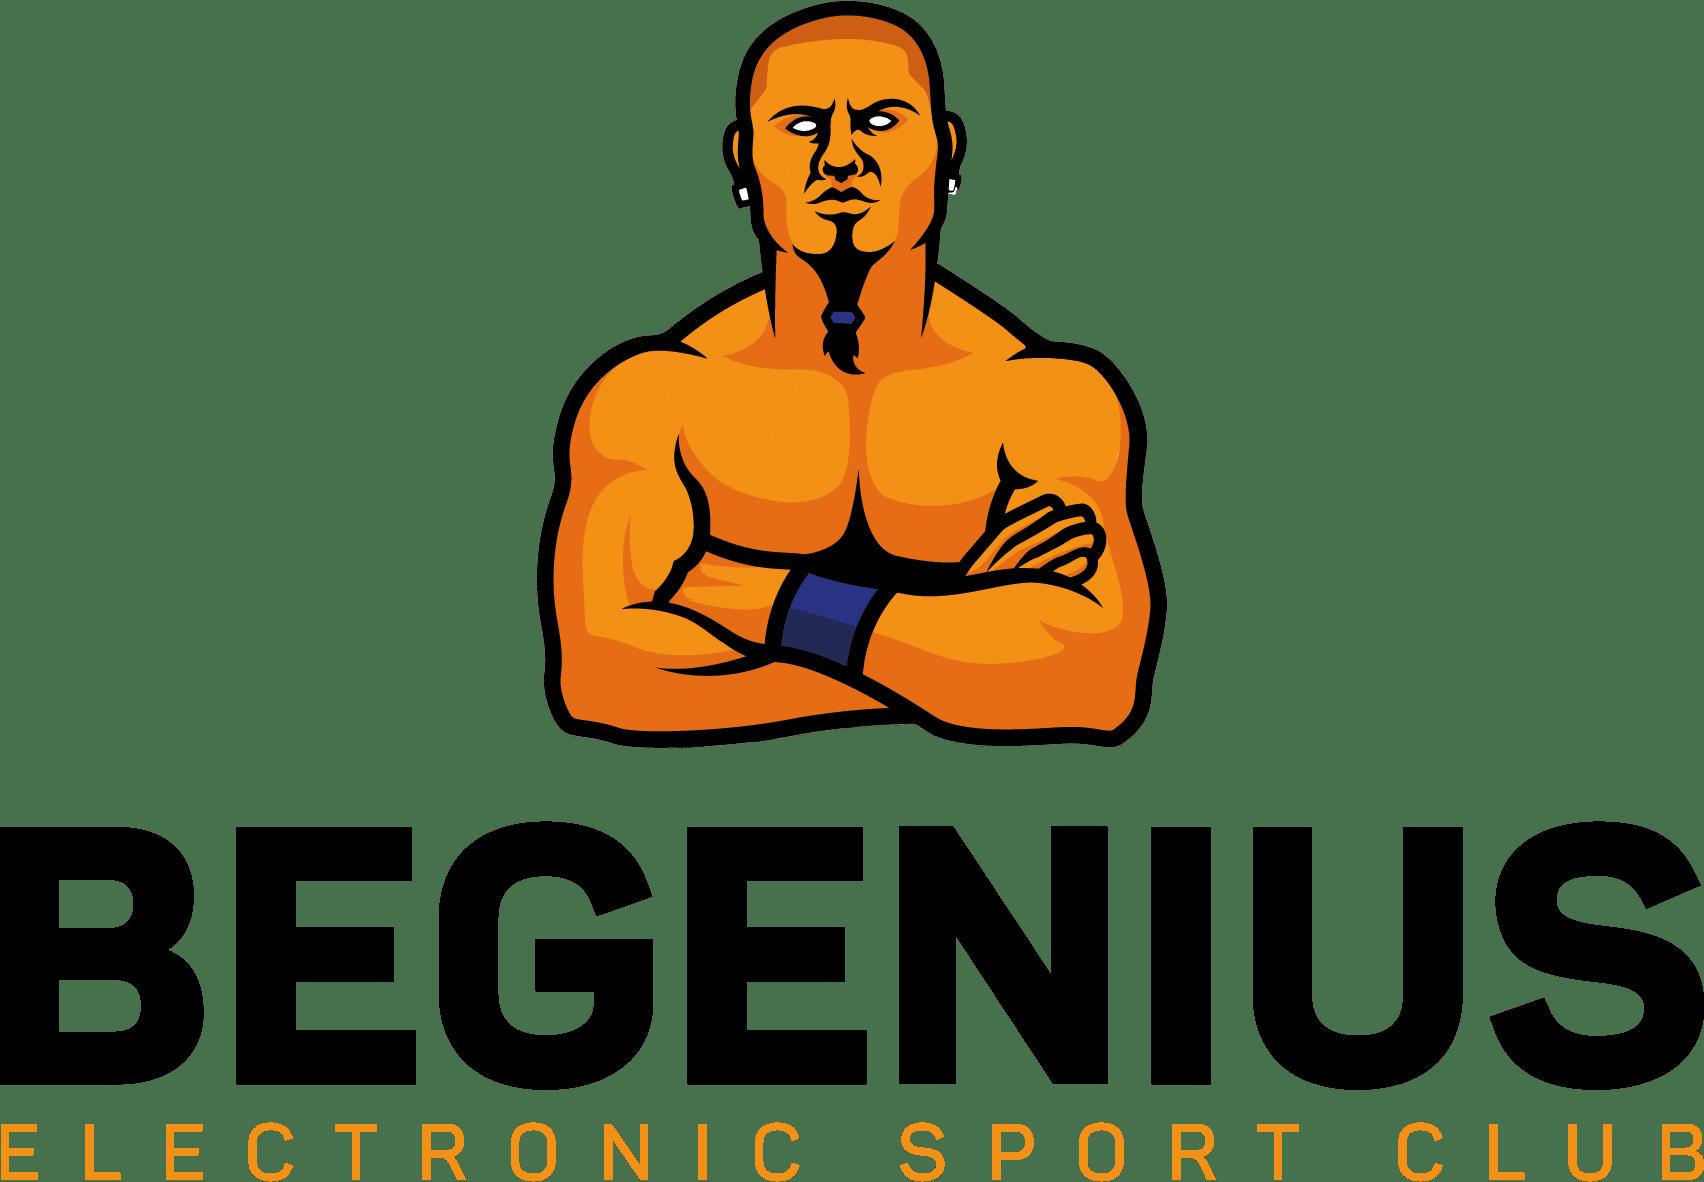 BEGENIUS